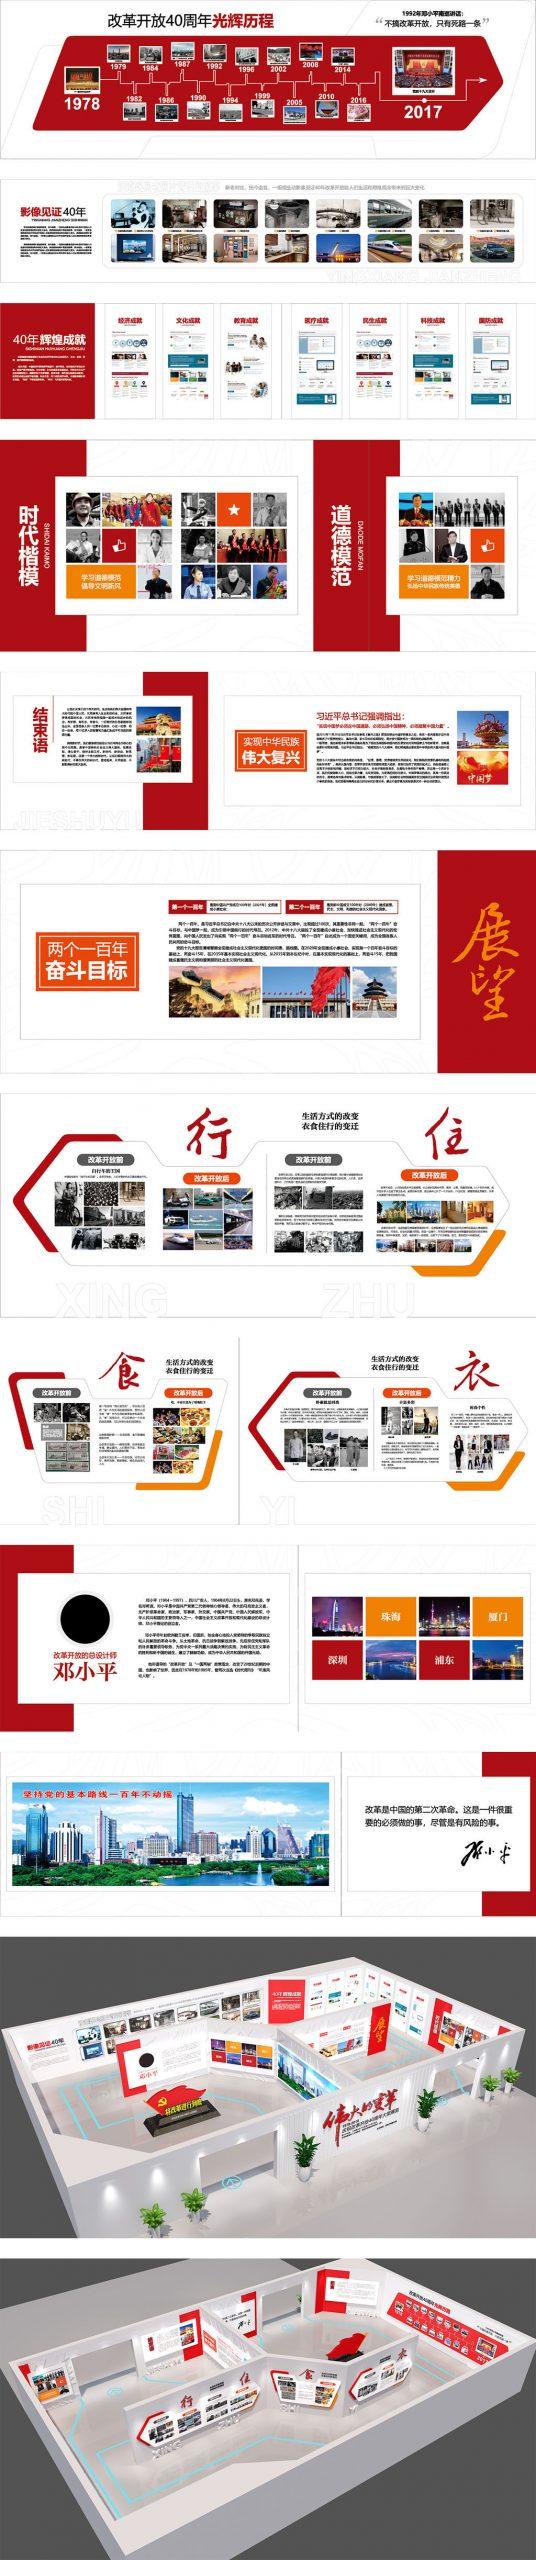 党建文化墙展馆设计CDR源文件插图